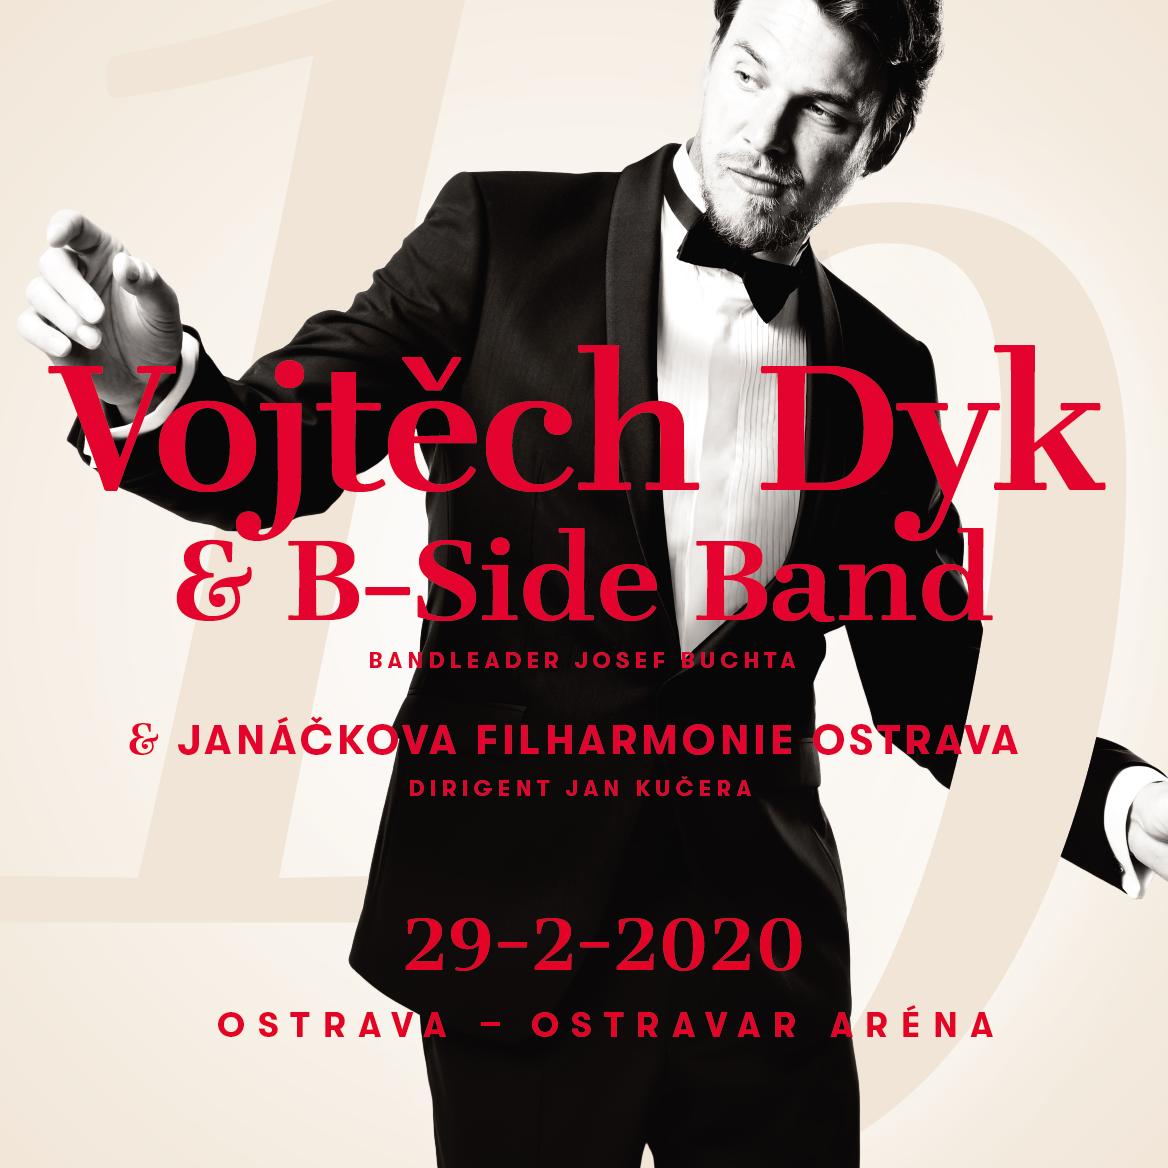 Vojtěch Dyk & B-Side Band & Janáčkova Filharmonie Ostrava<br>Beat ve swingu 10 let